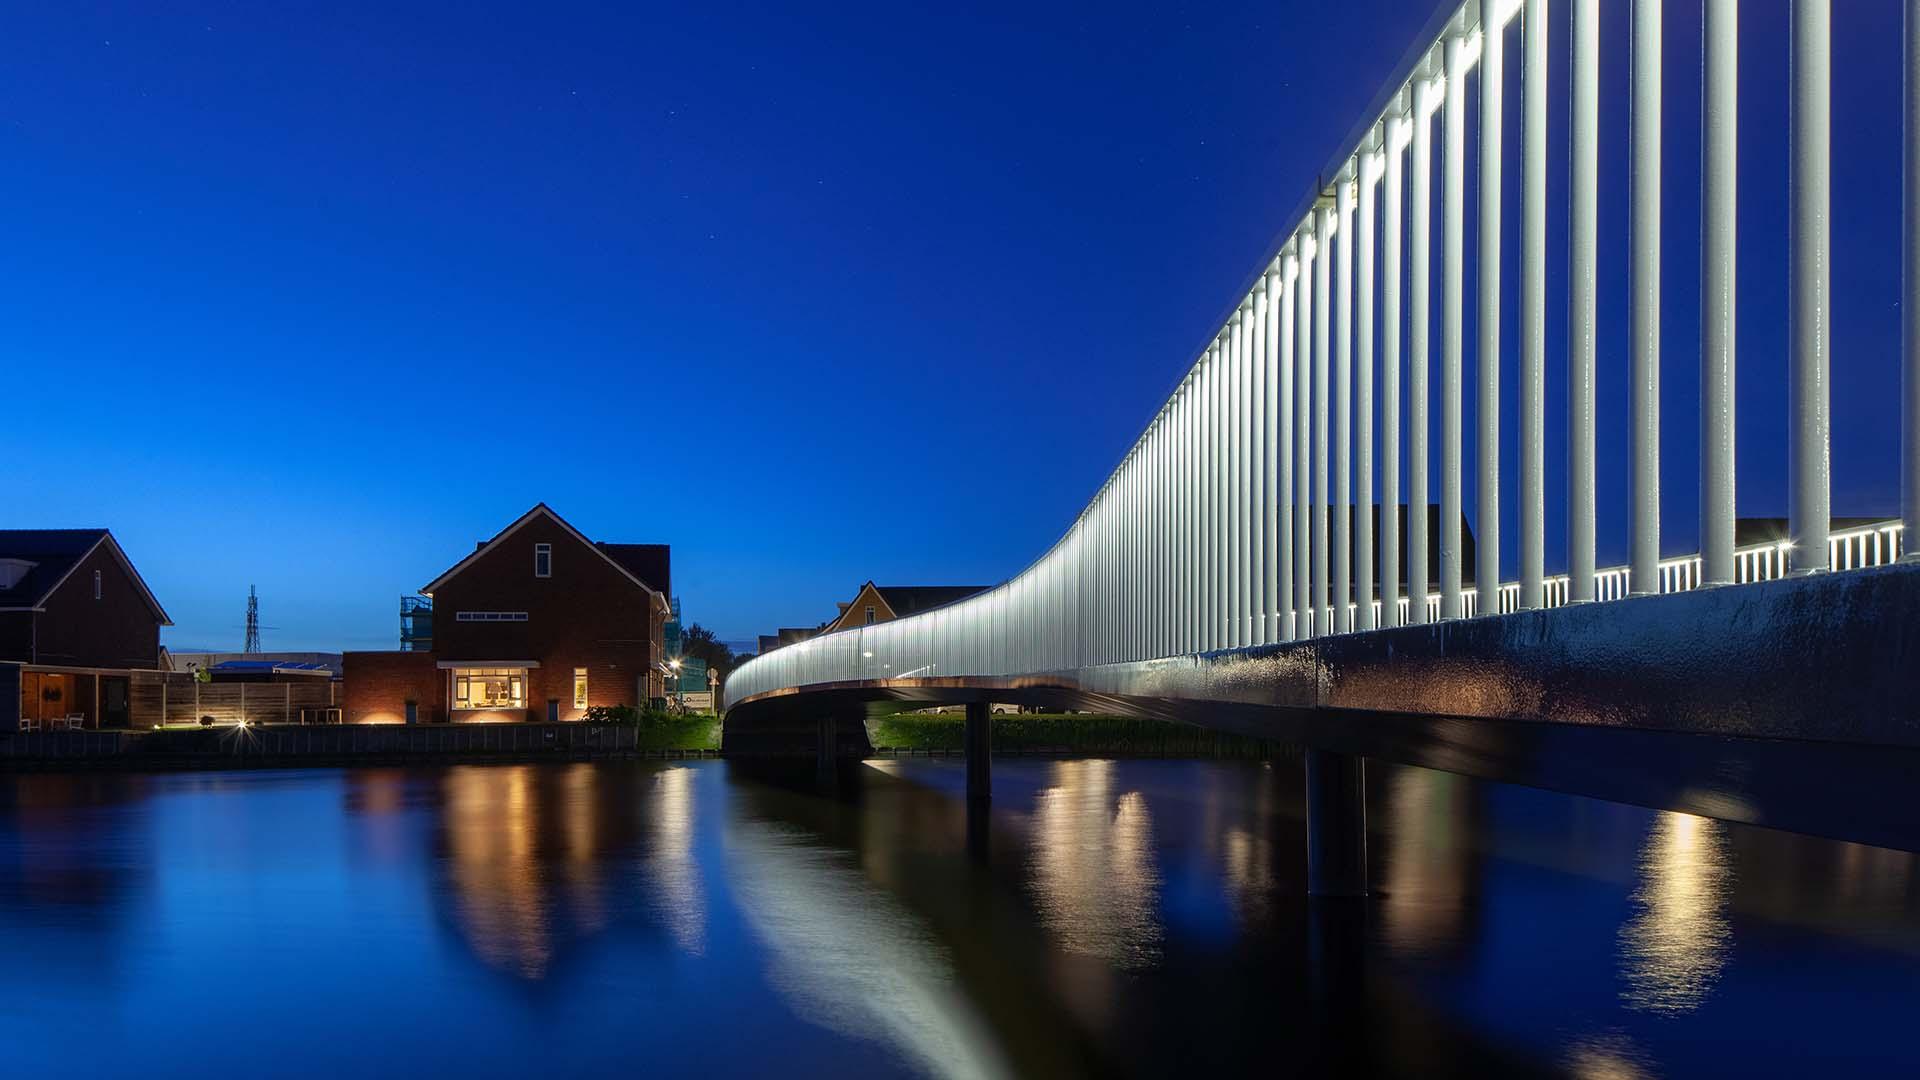 HHW.11_014_fietsbrug-De-Draai-Heerhugowaard-avond-verlichting-water-2-ipvDelft